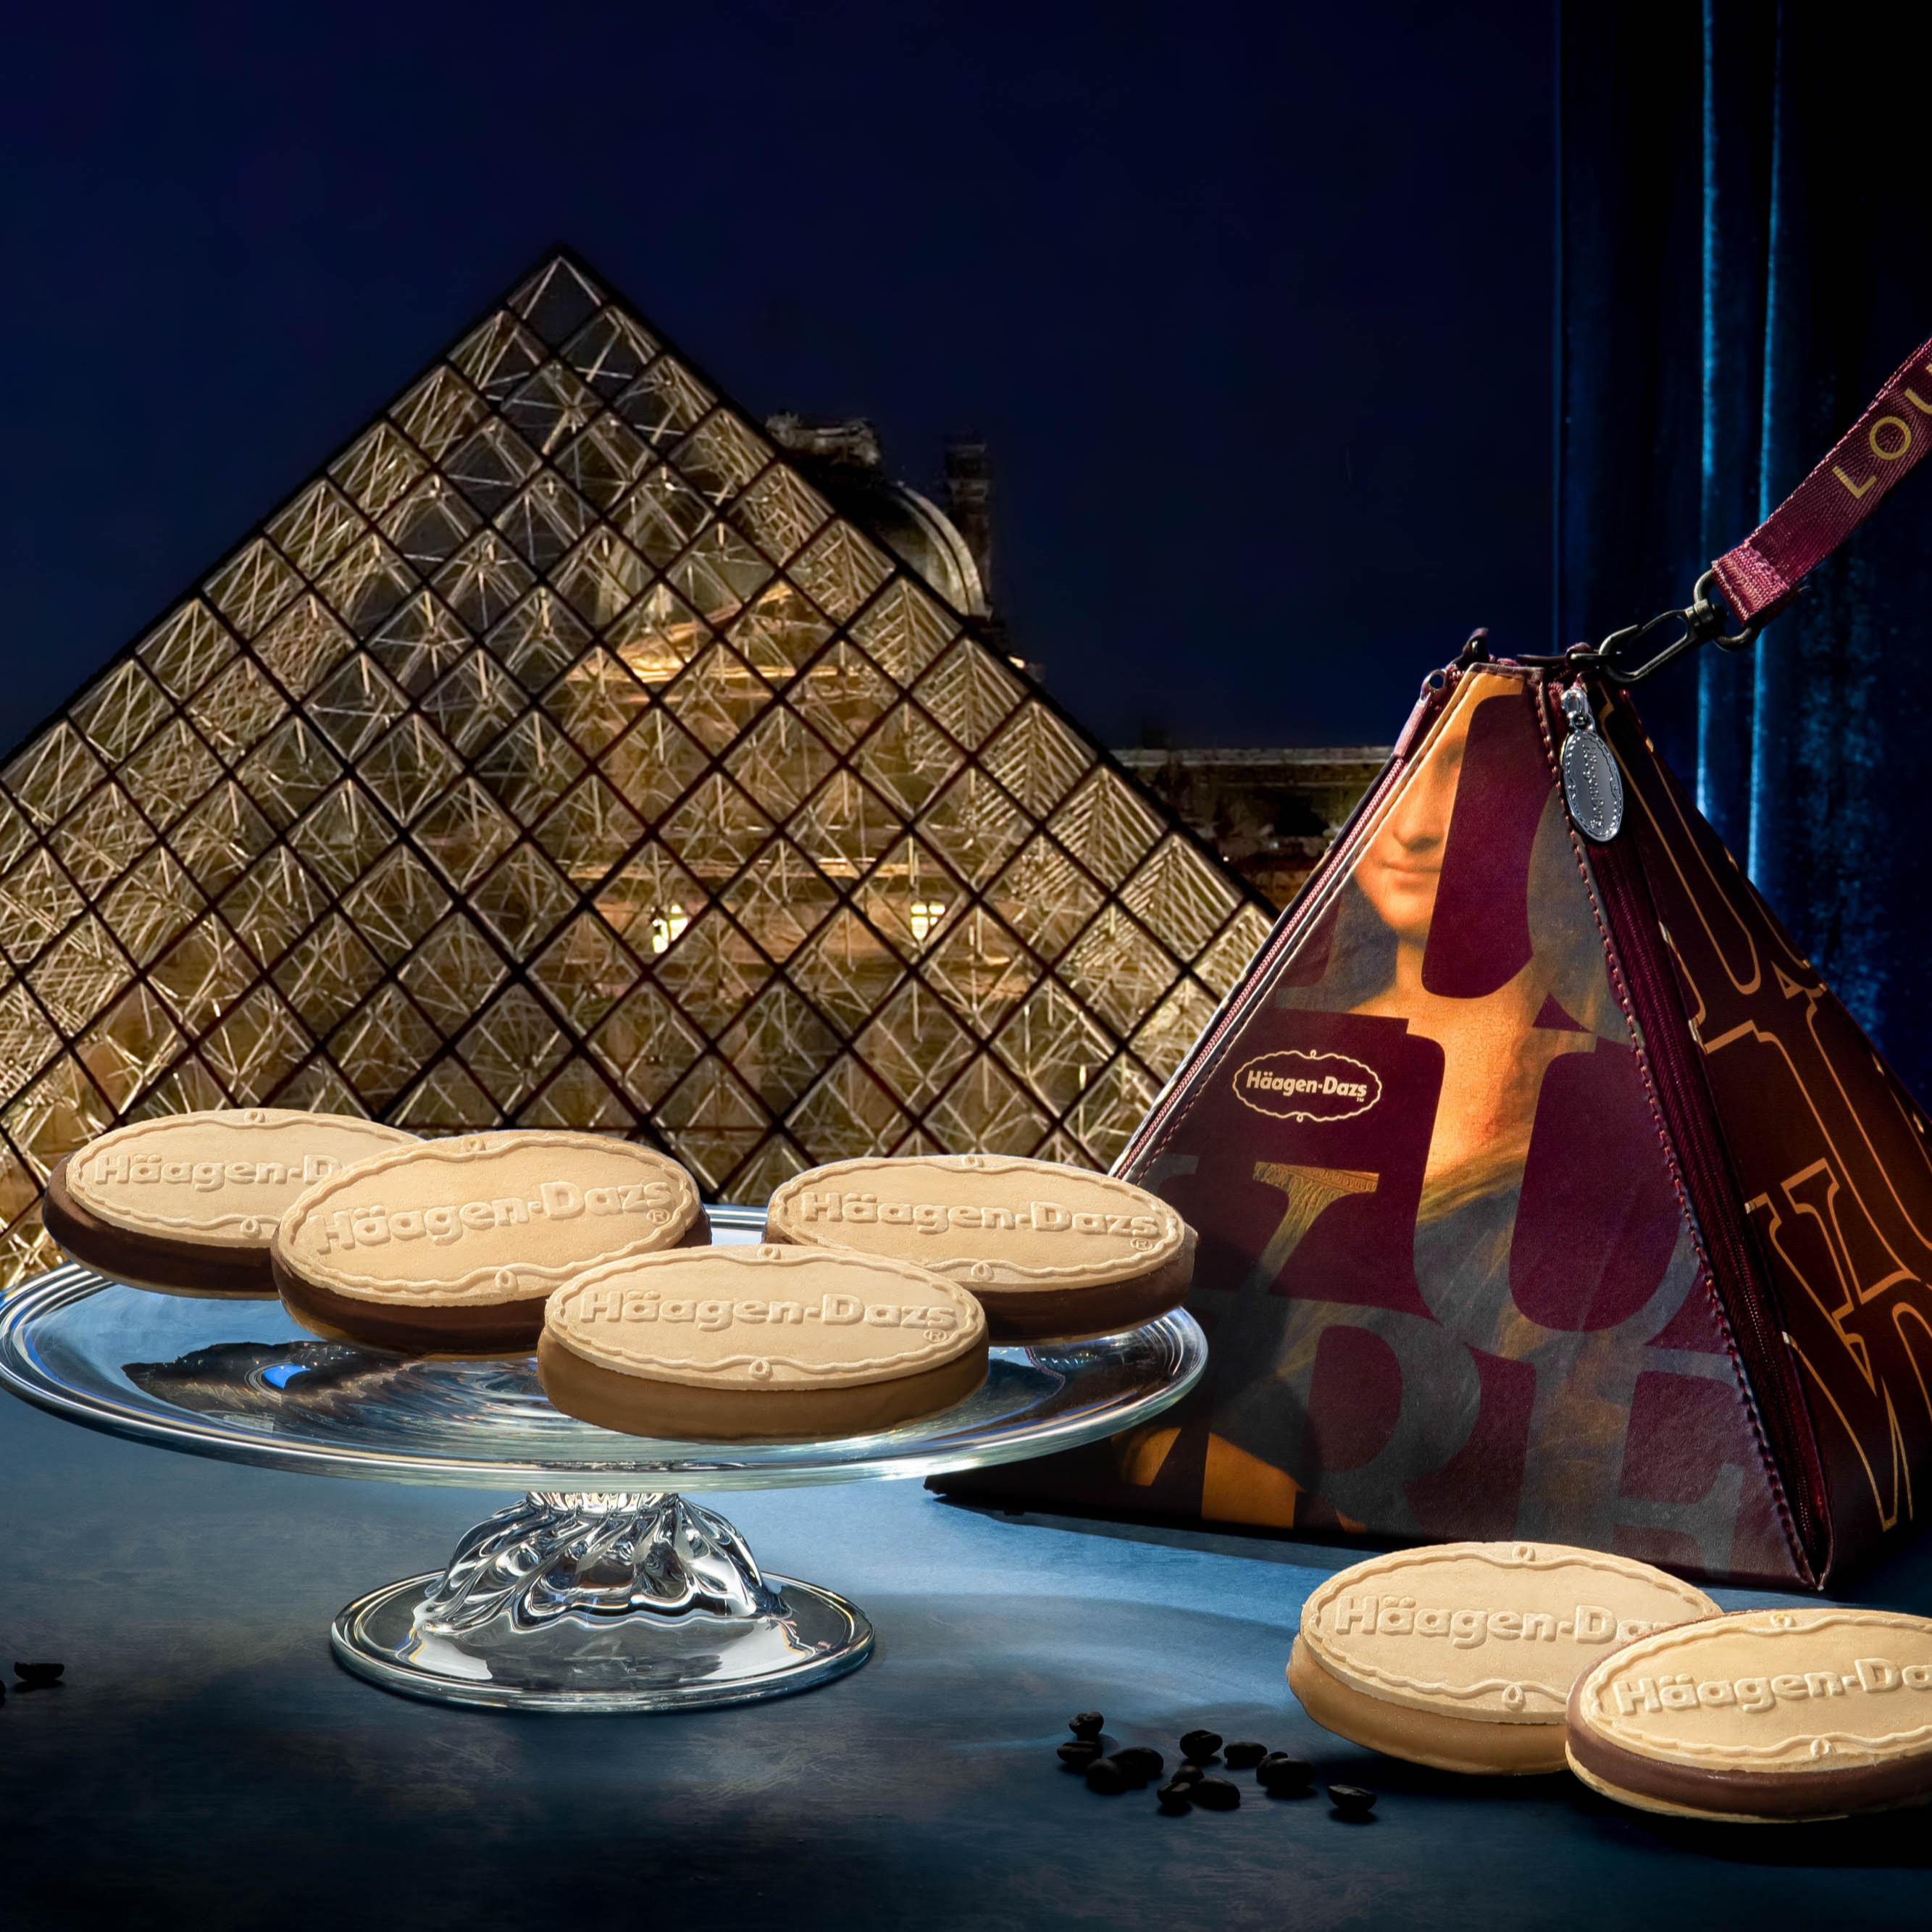 月餅》聯名羅浮宮的誠意之作,藝術氣息高雅的哈根達斯冰淇淋月餅